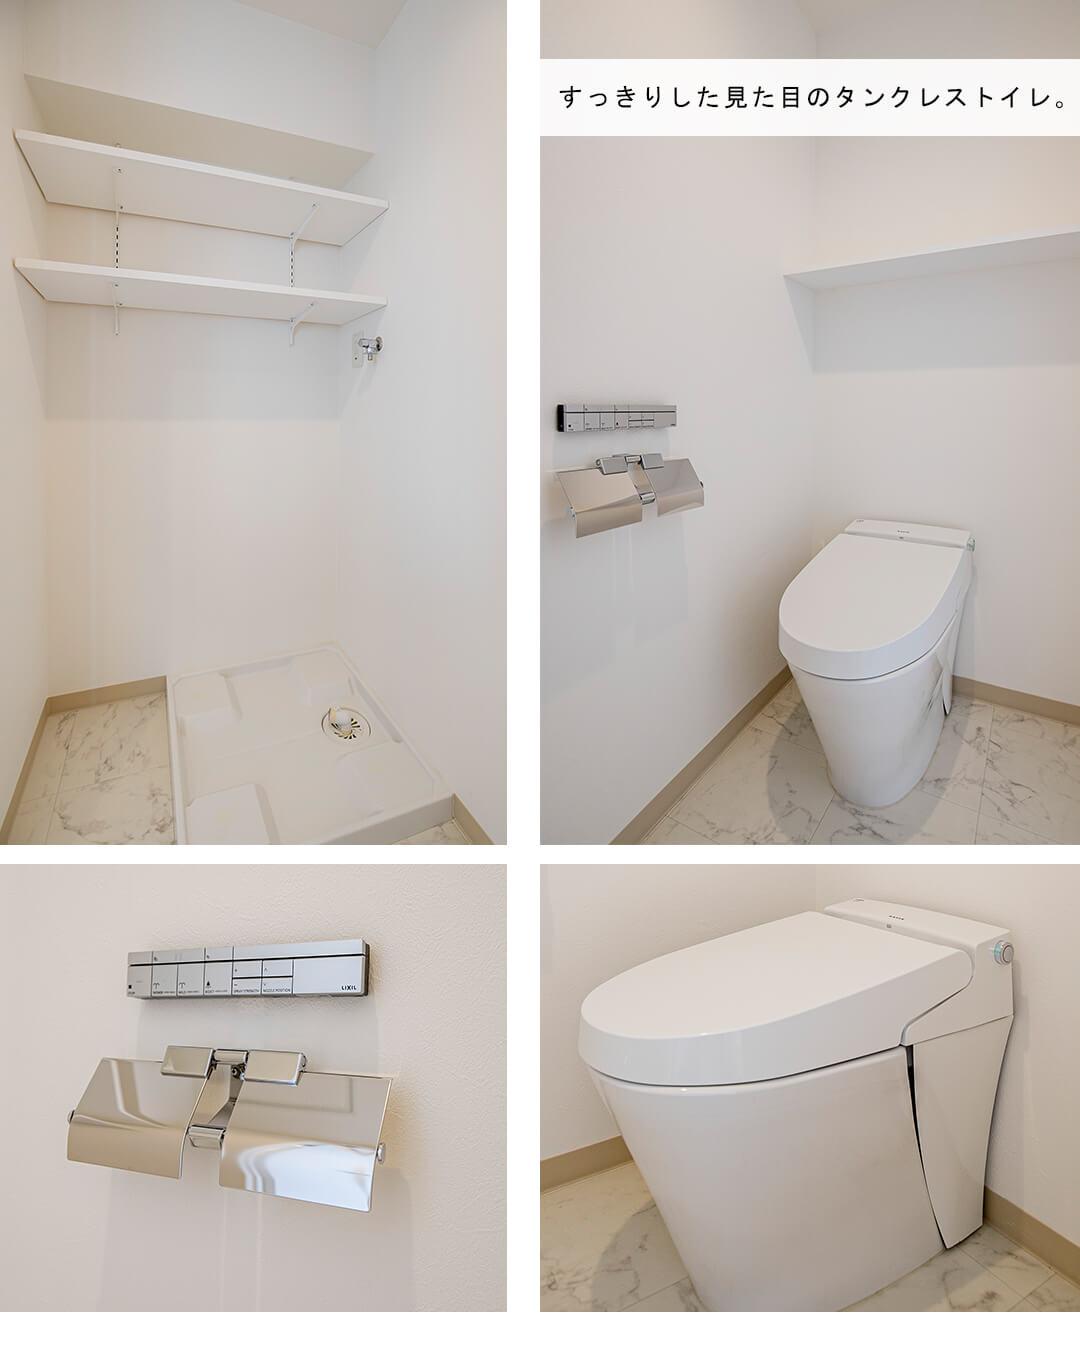 オリエント麻布のトイレ